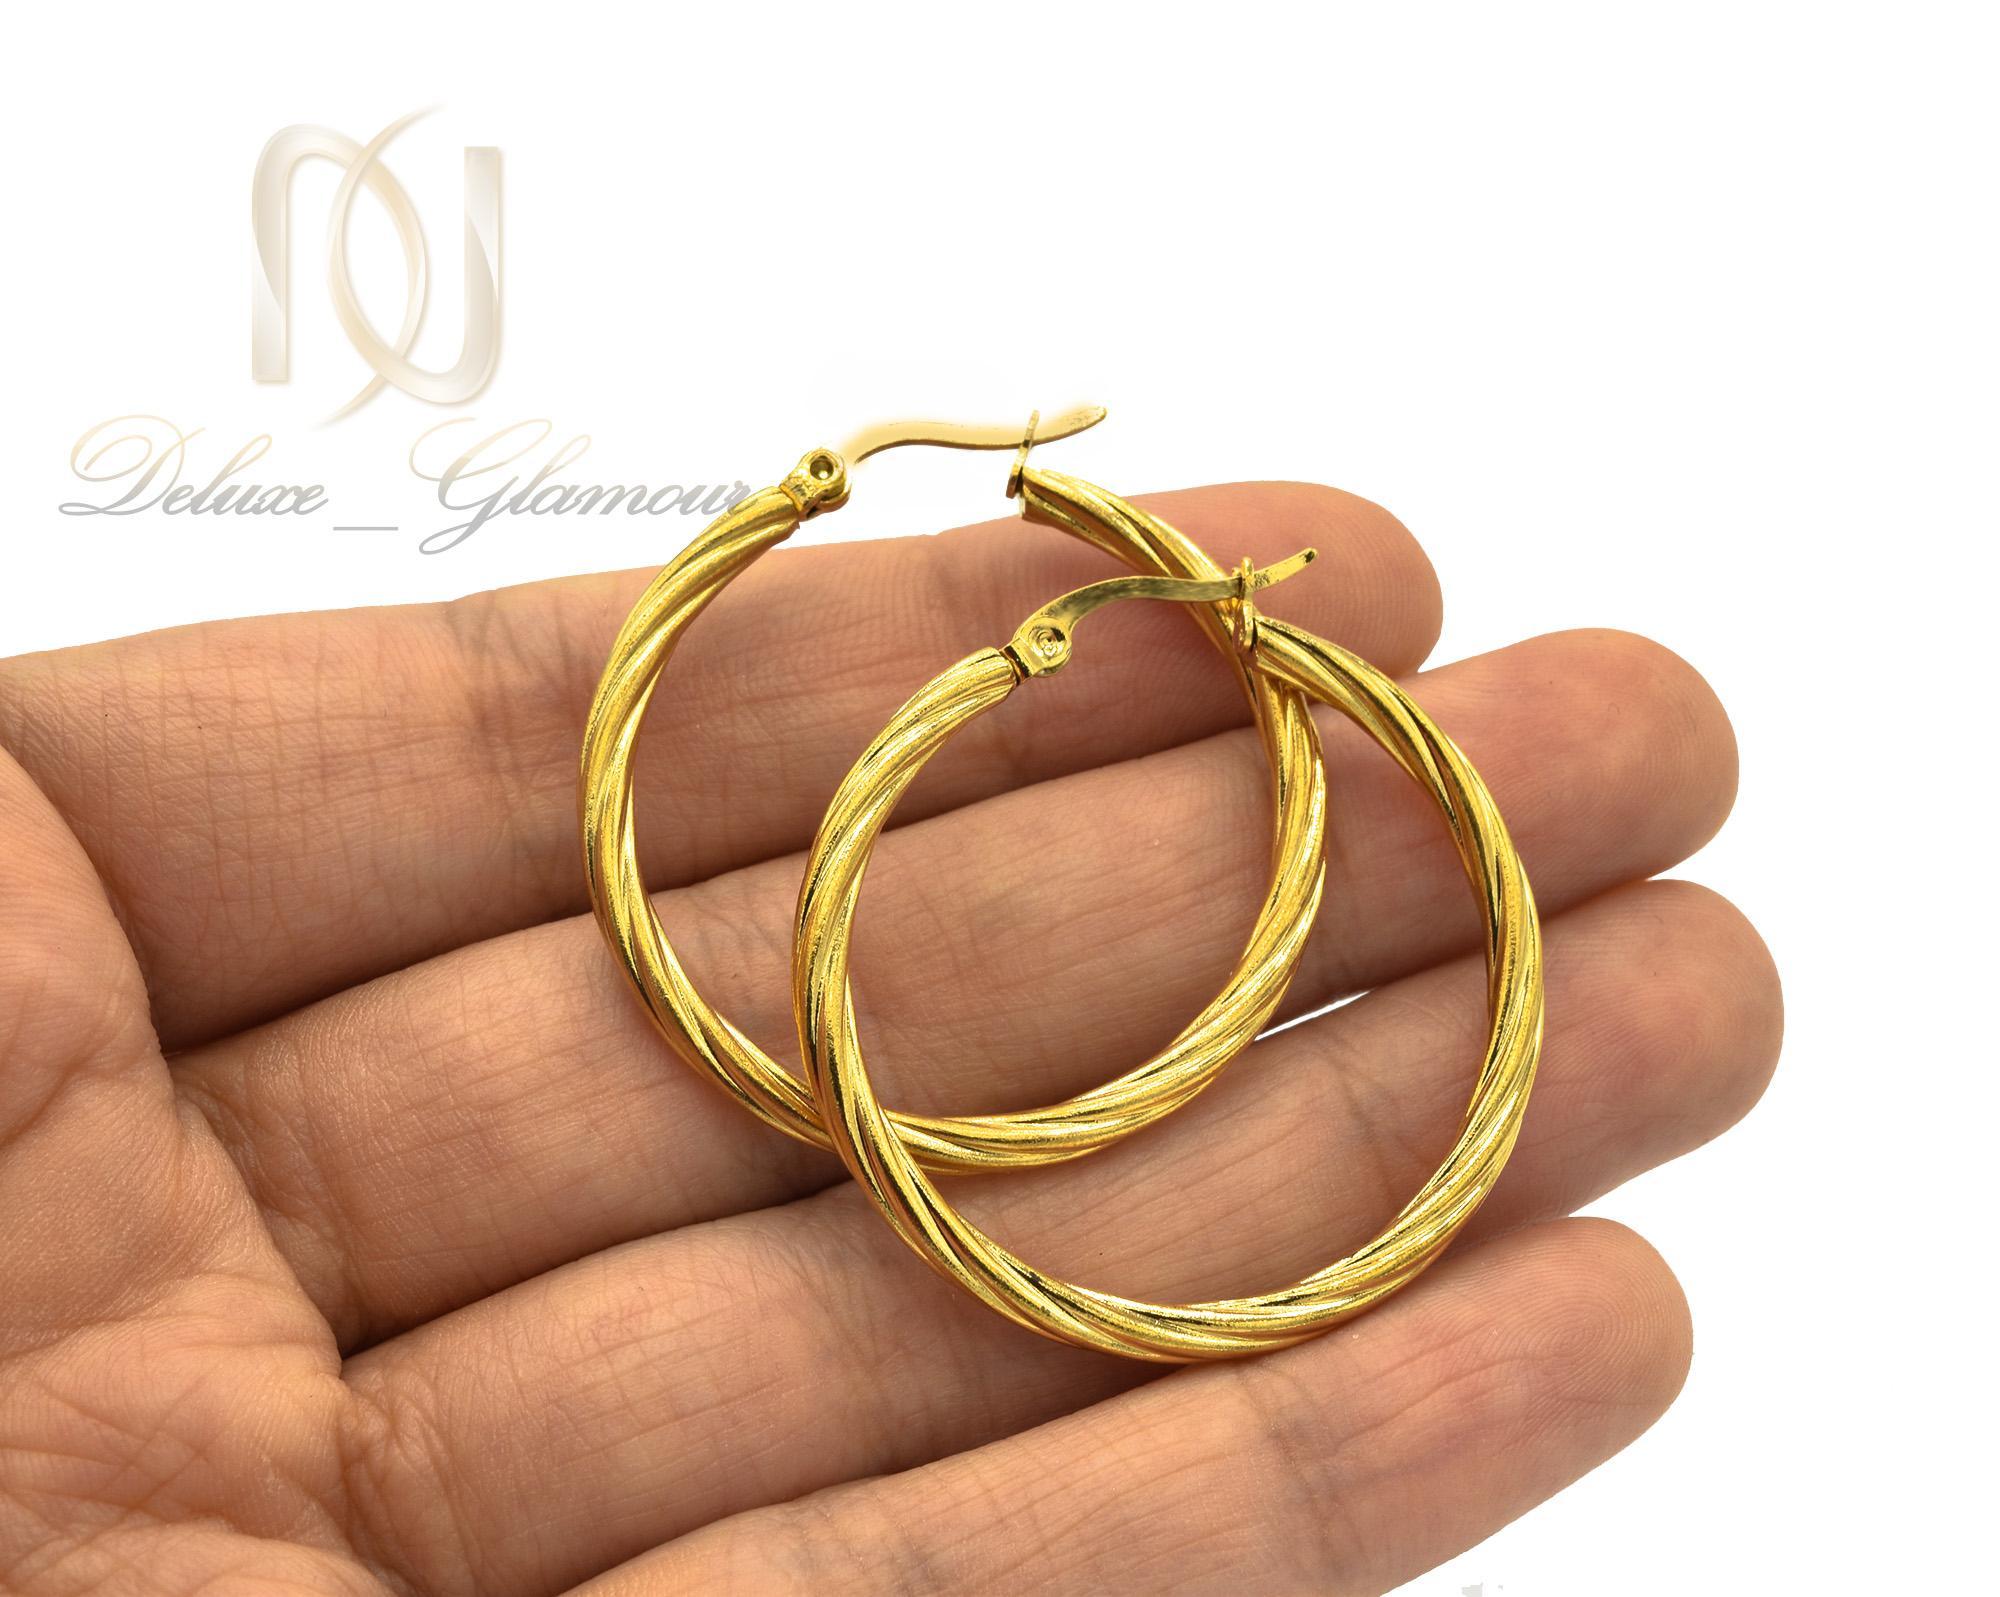 گوشواره زنانه حلقه ای استیل طلایی er-n176